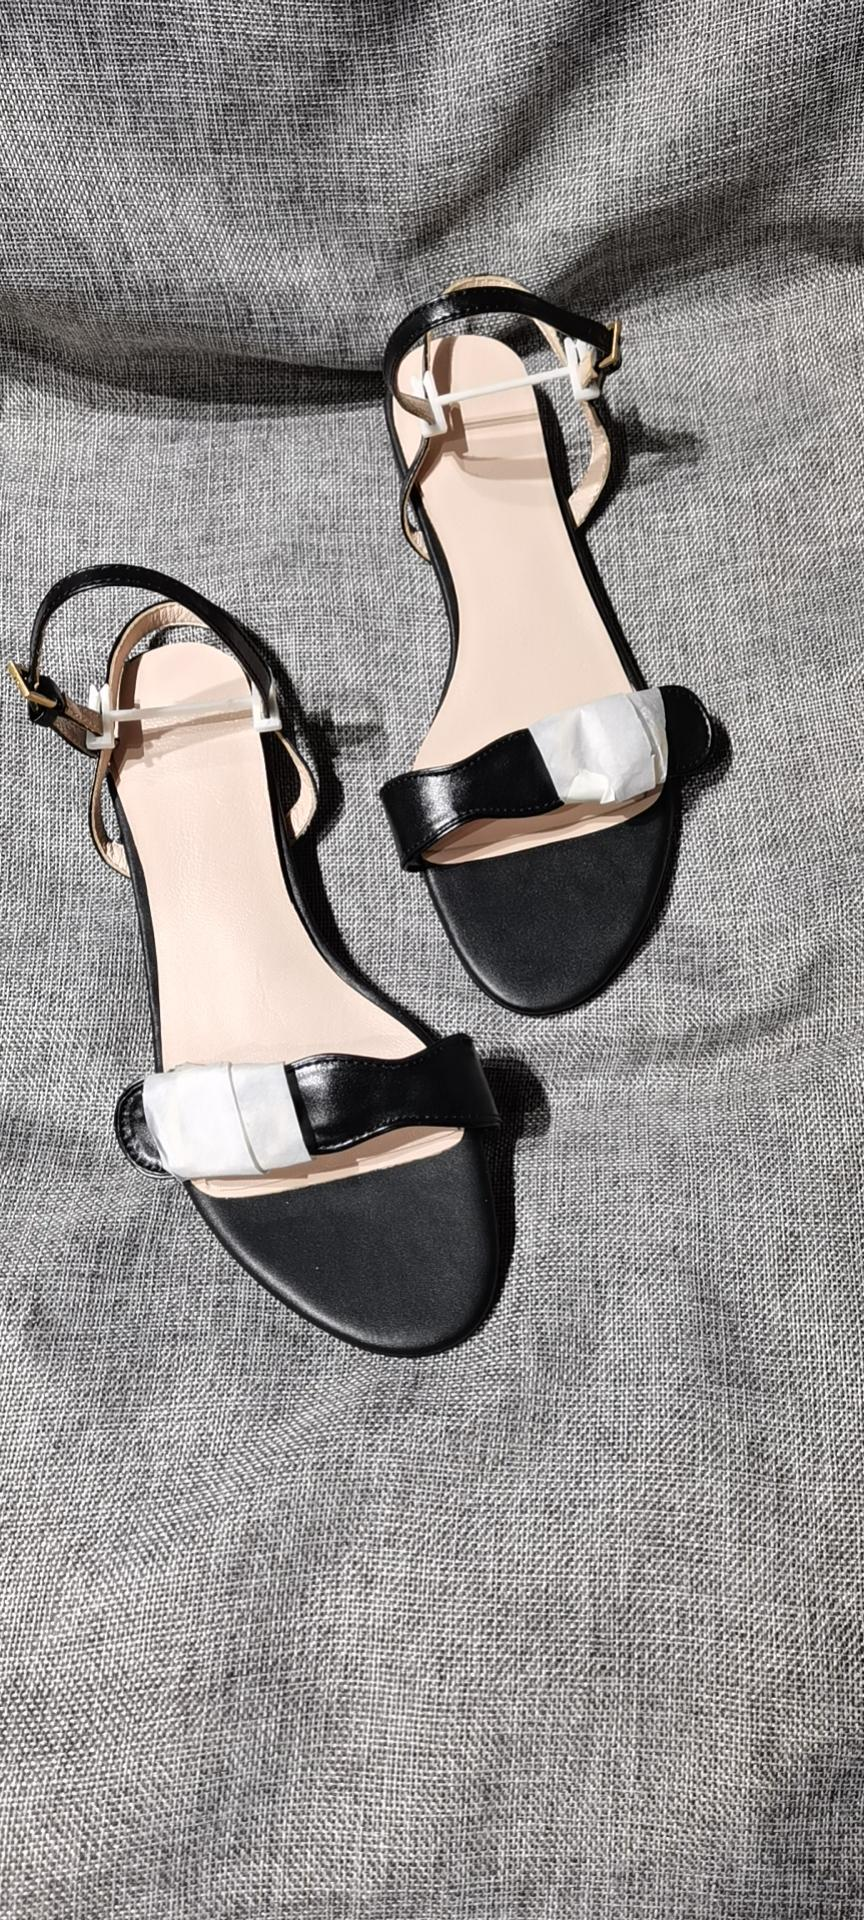 Горячие продажи летние женские тапочки женские шлепанцы грибные тапочки из ПВХ сандалии камелии желе обувь на пляже